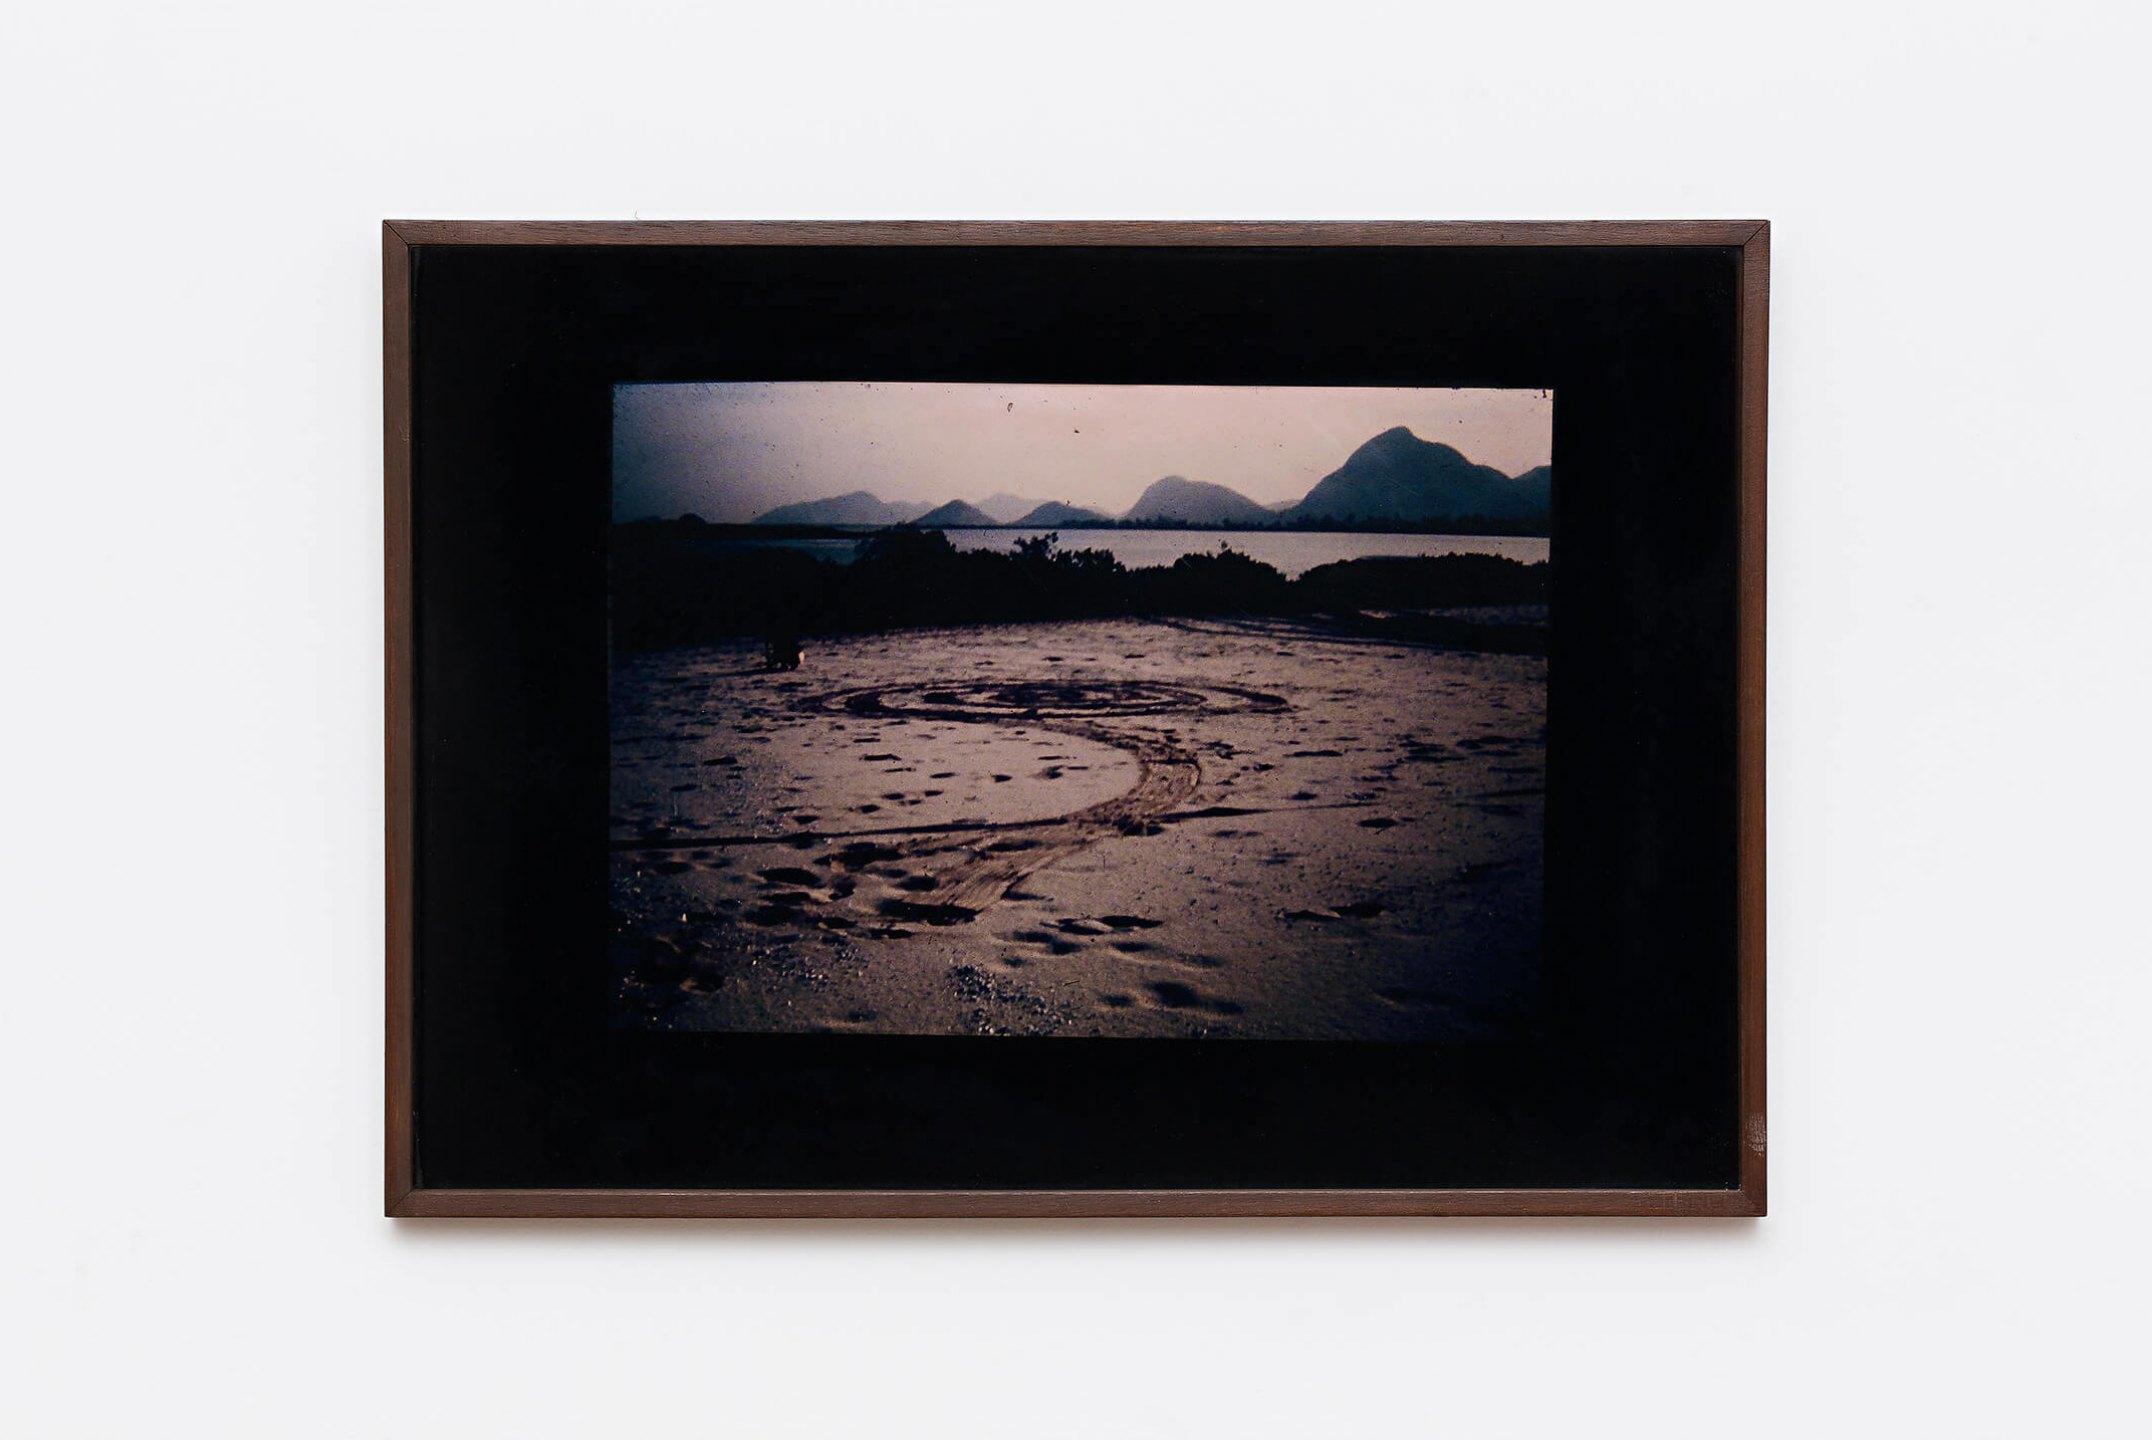 Anna Bella Geiger,&nbsp;<em>Circumambulatio</em>, 1972,&nbsp;photograph, happening record / land art: spiral, 51 ×&nbsp;71 cm - Mendes Wood DM